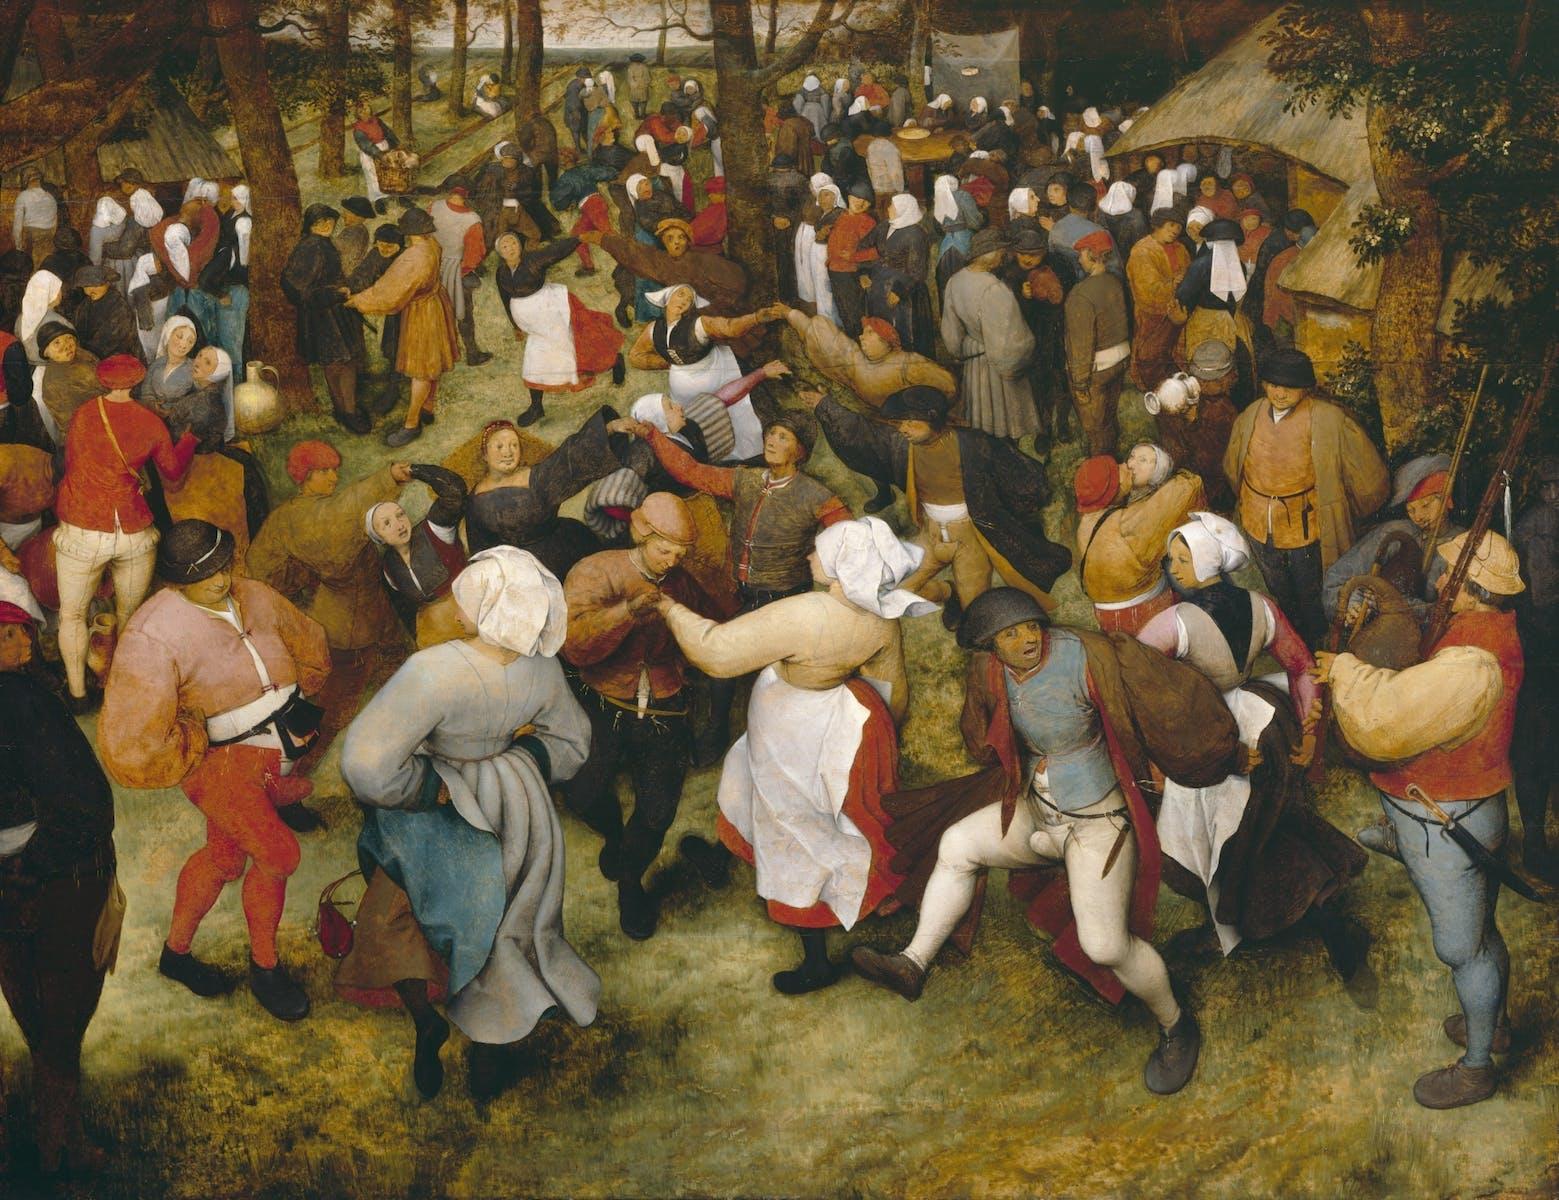 Pieter Bruegel the Elder, The Wedding Dance